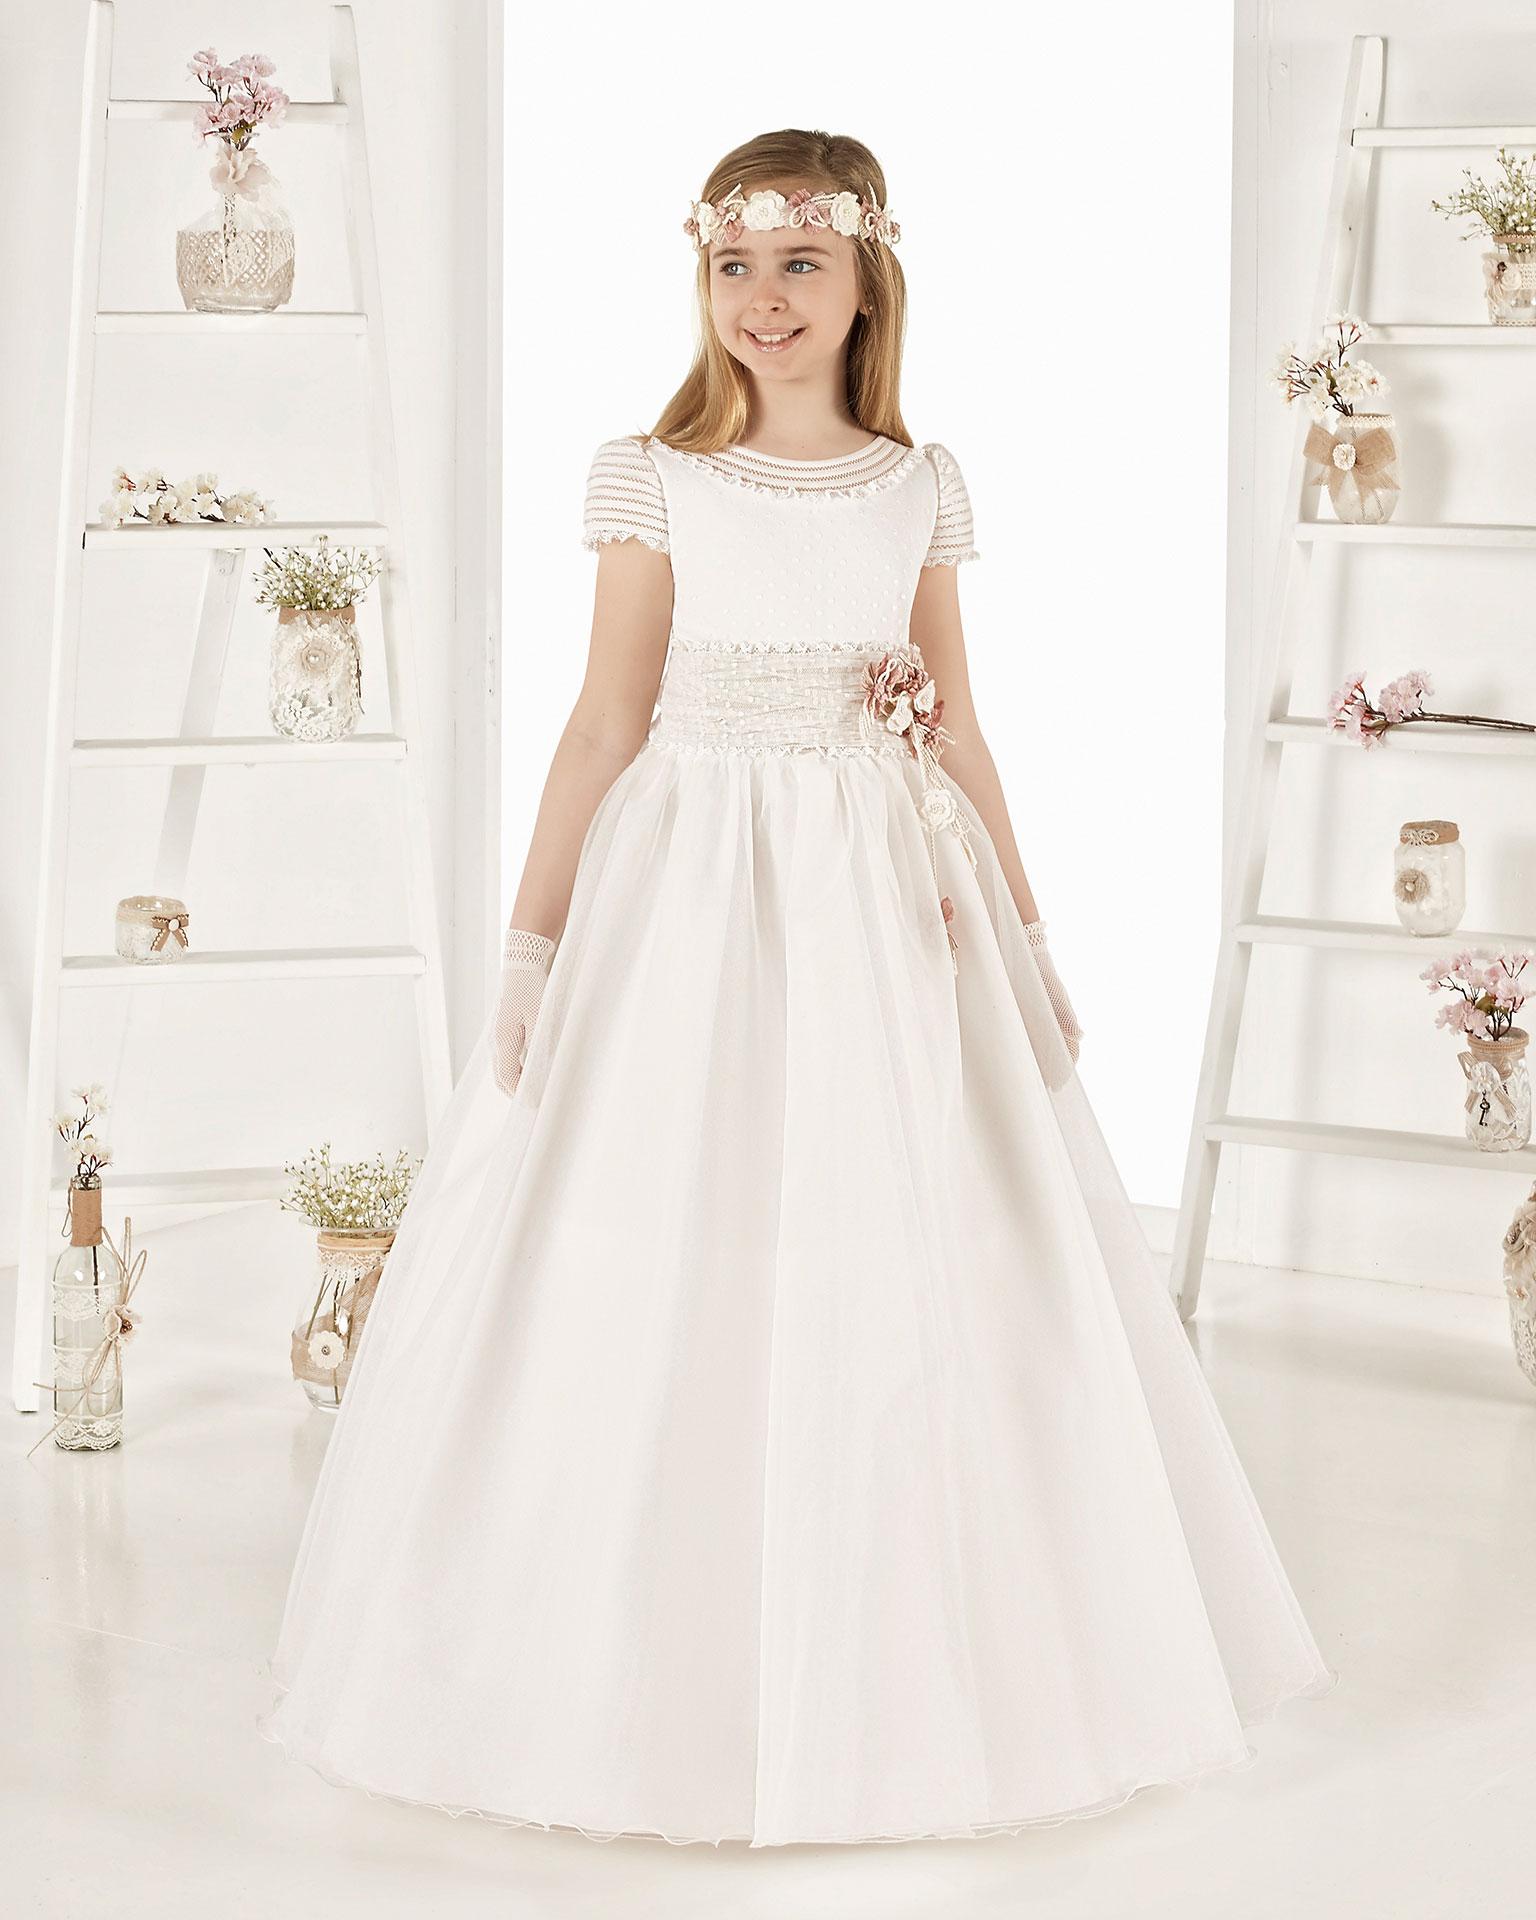 Vestido de comunión fantasía en organza rayada. Con talle normal. Disponible en color natural. Colección AIRE COMUNION 2019.